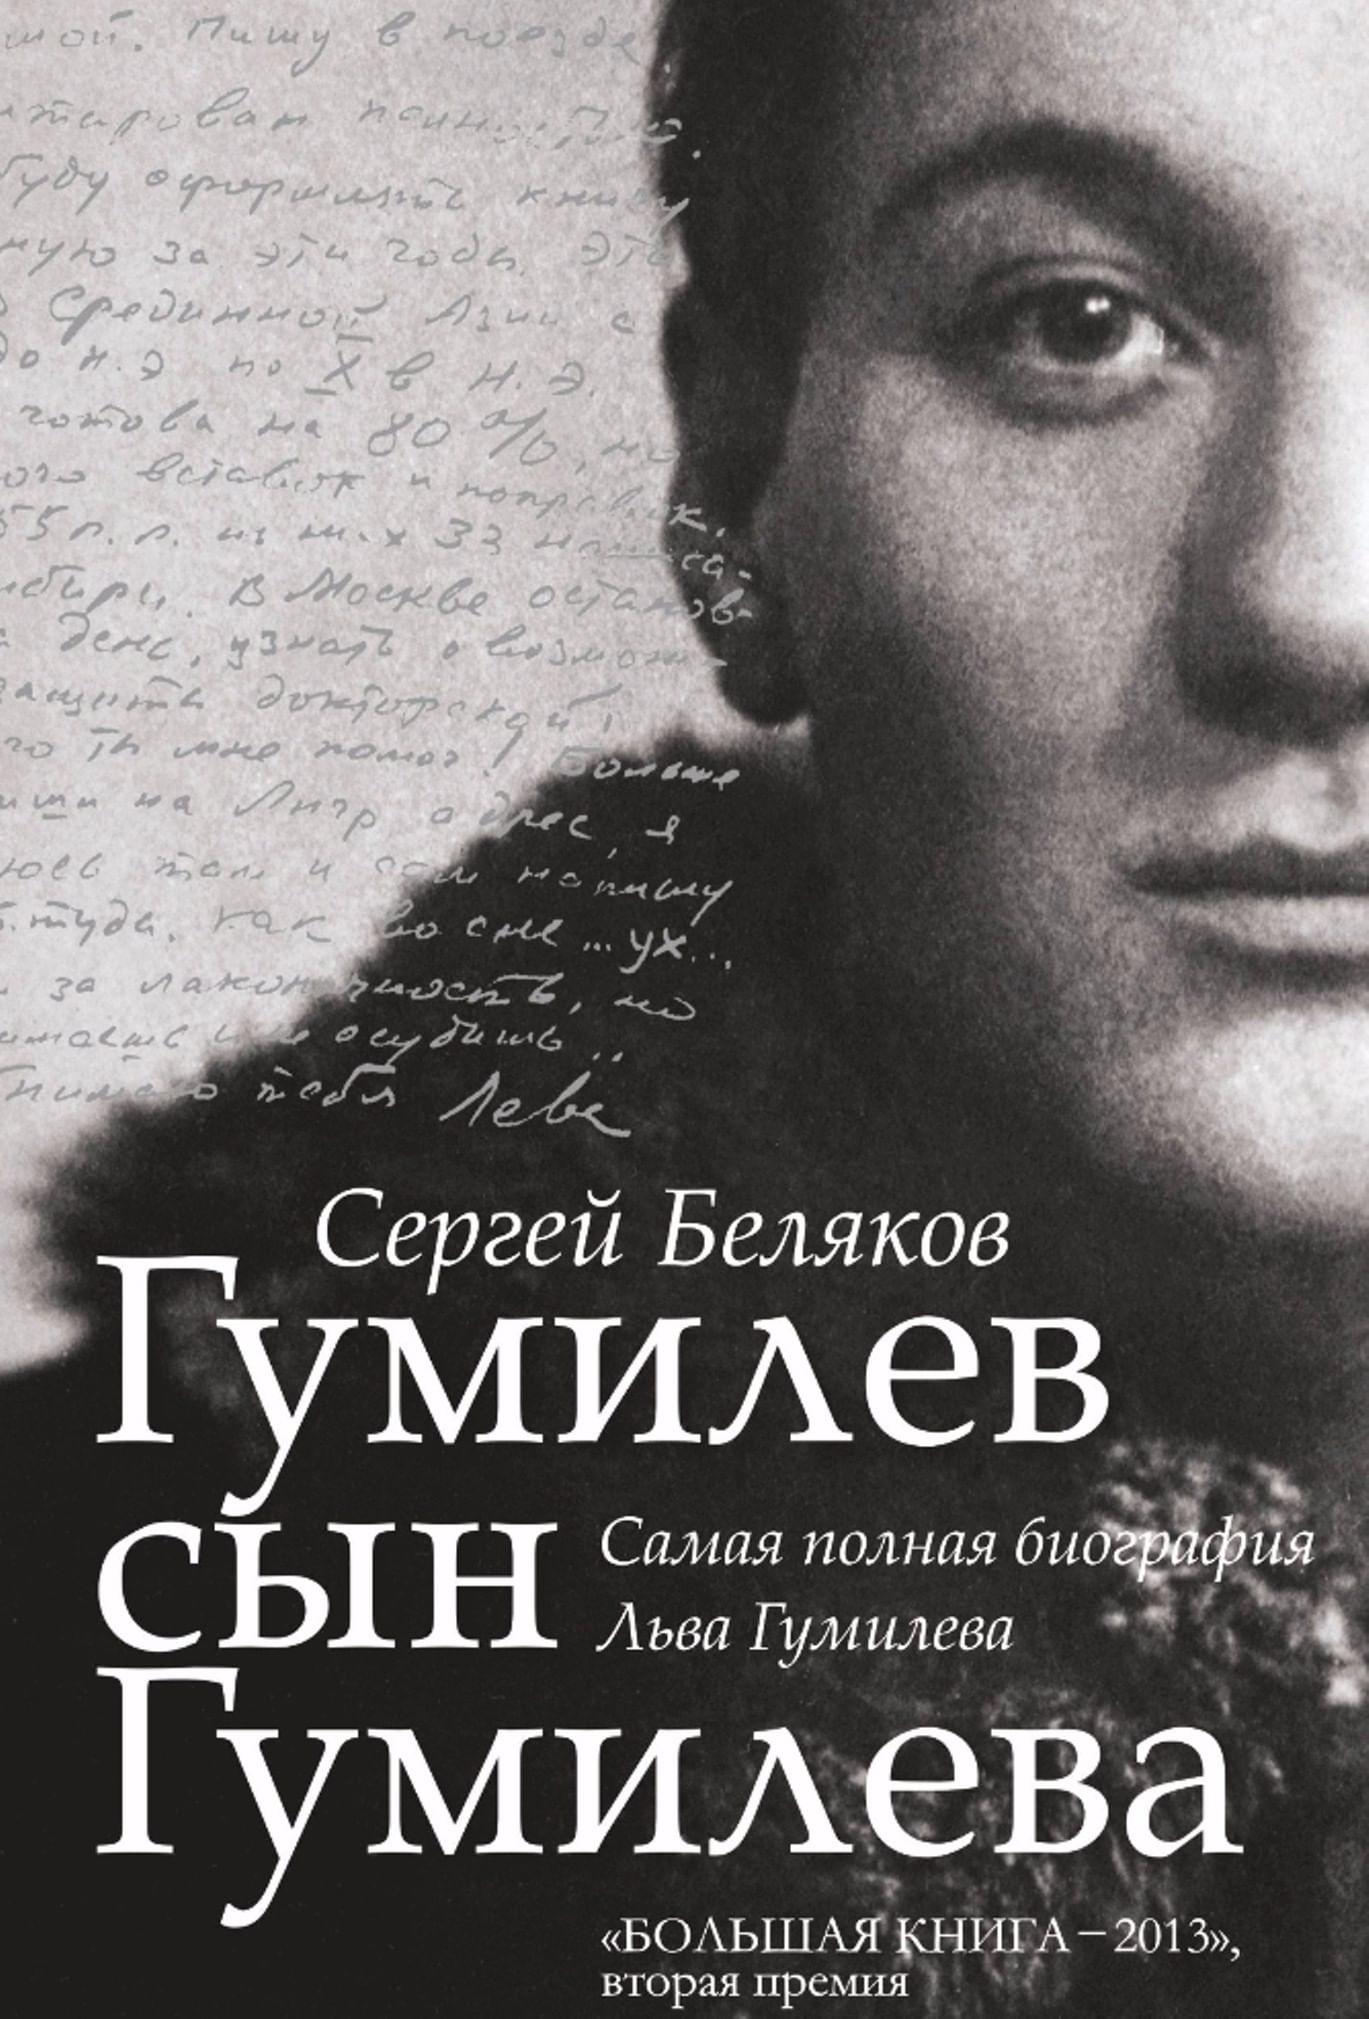 Топ-5 современных писателей, которых важно знать. Галерея 5. Сергей Беляков